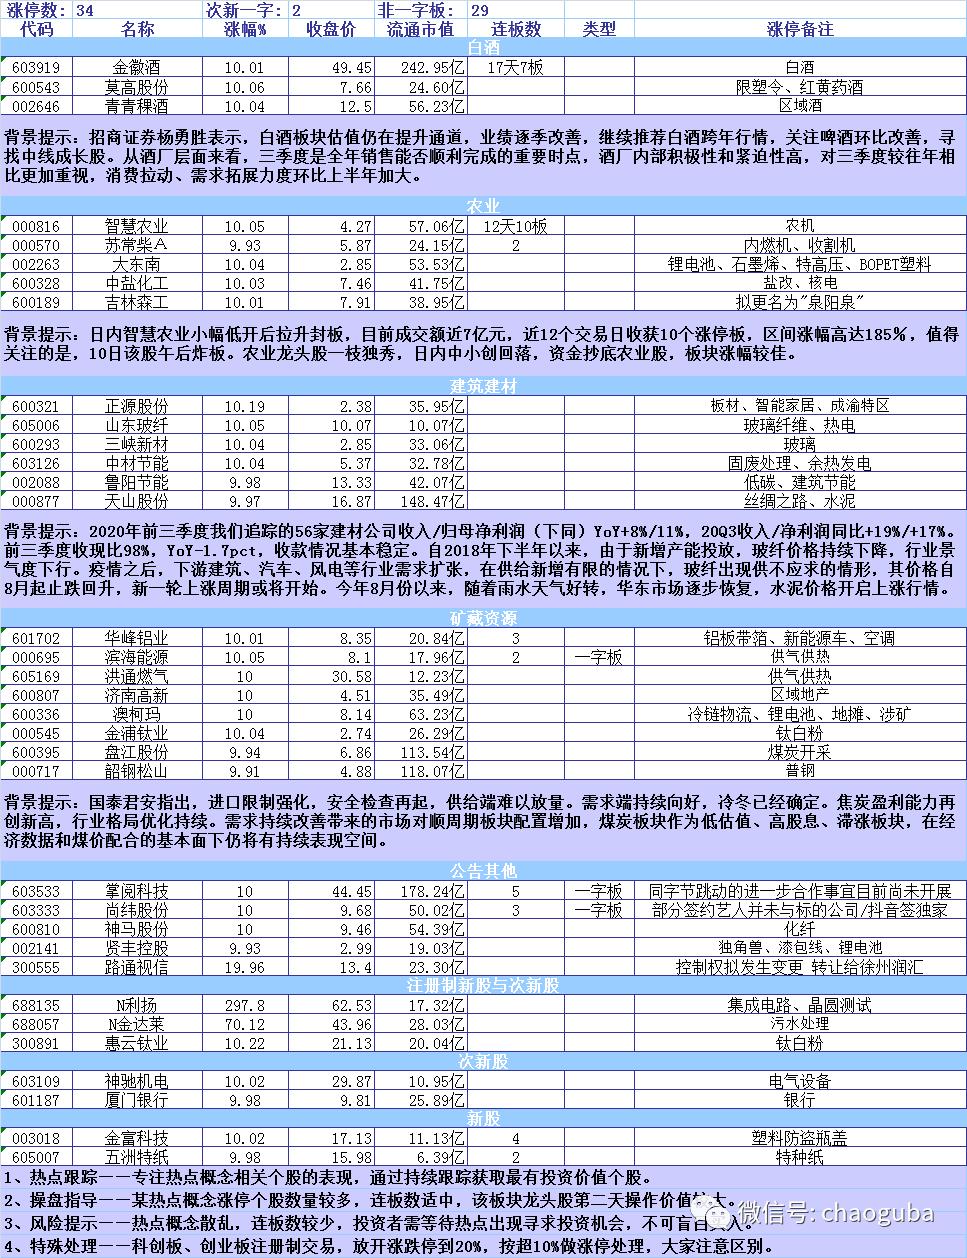 11月11日行情分析: 中小创深度调整   白酒异常火爆插图2